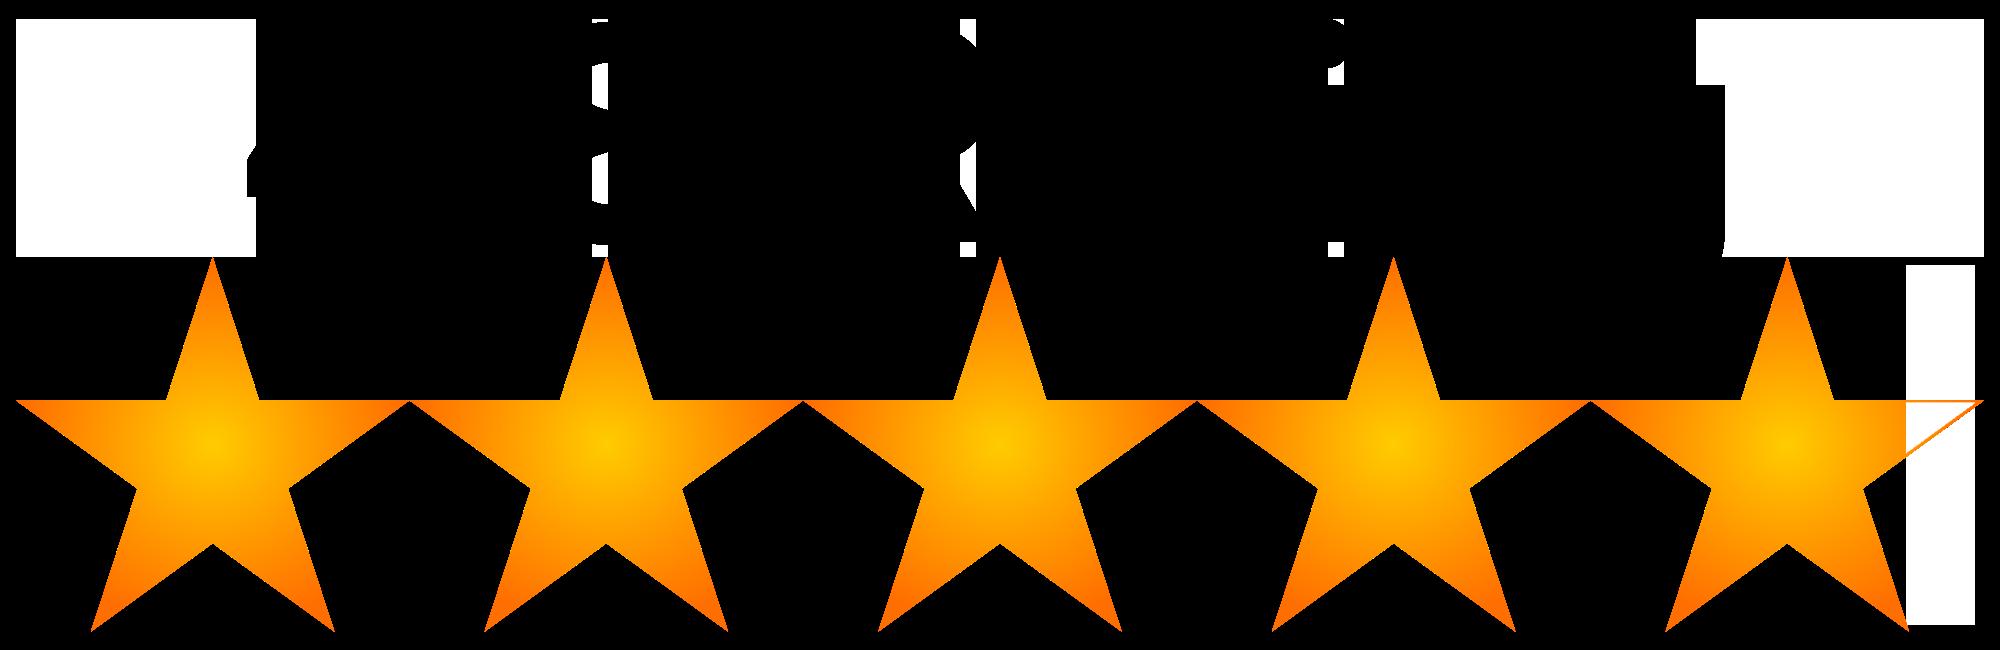 Jack Demmer Lincoln >> Jack Demmer Lincoln Top Car Release 2020